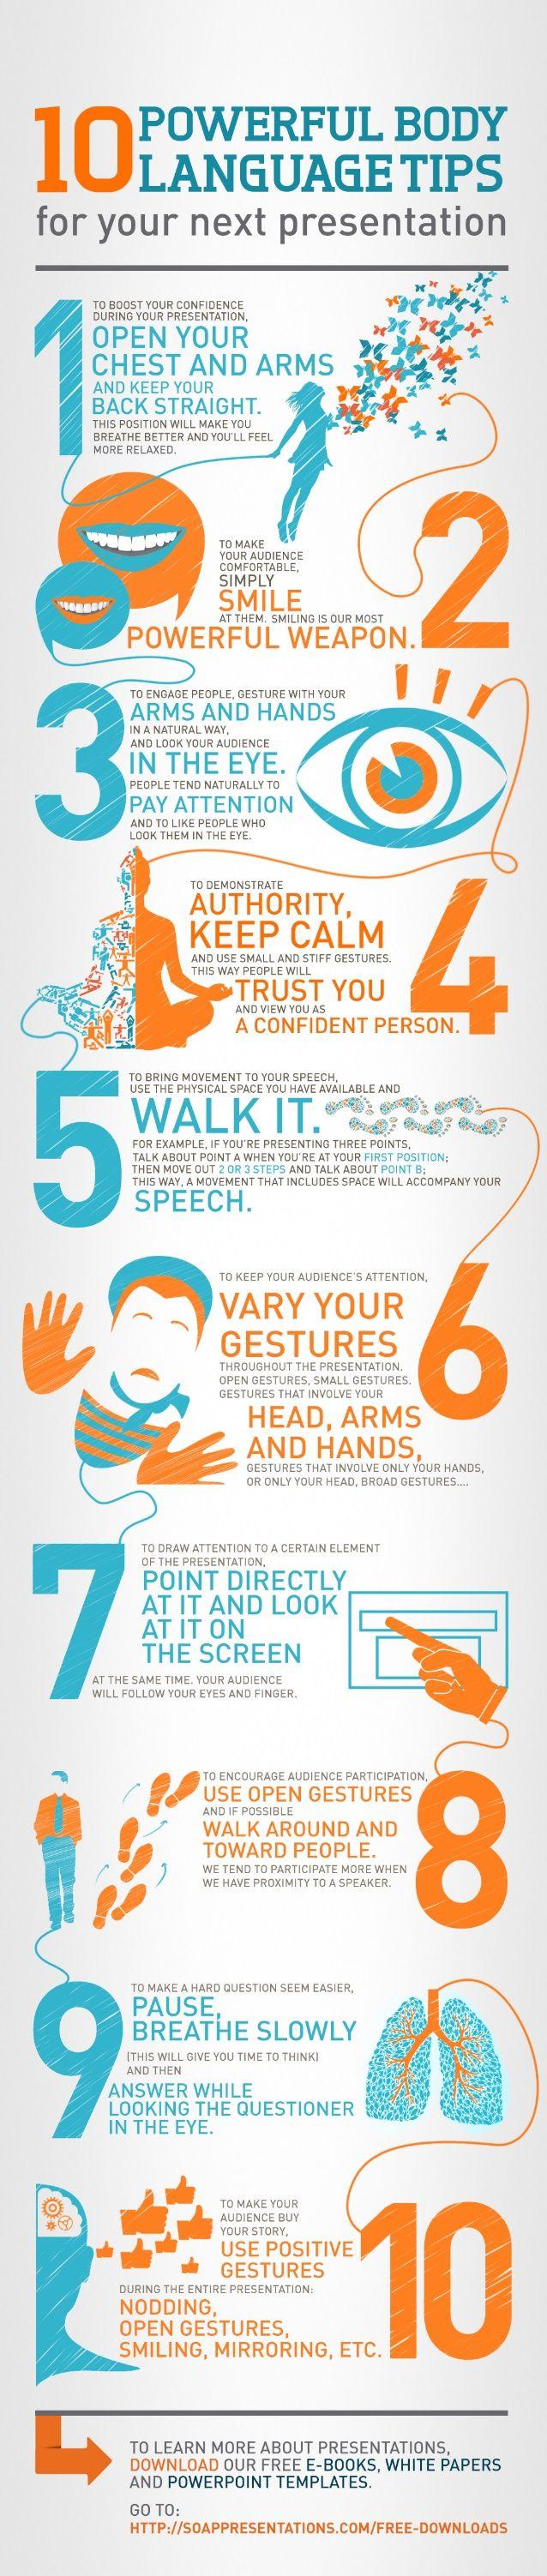 10 conseils sur le langage corporel pour votre prochaine présentation